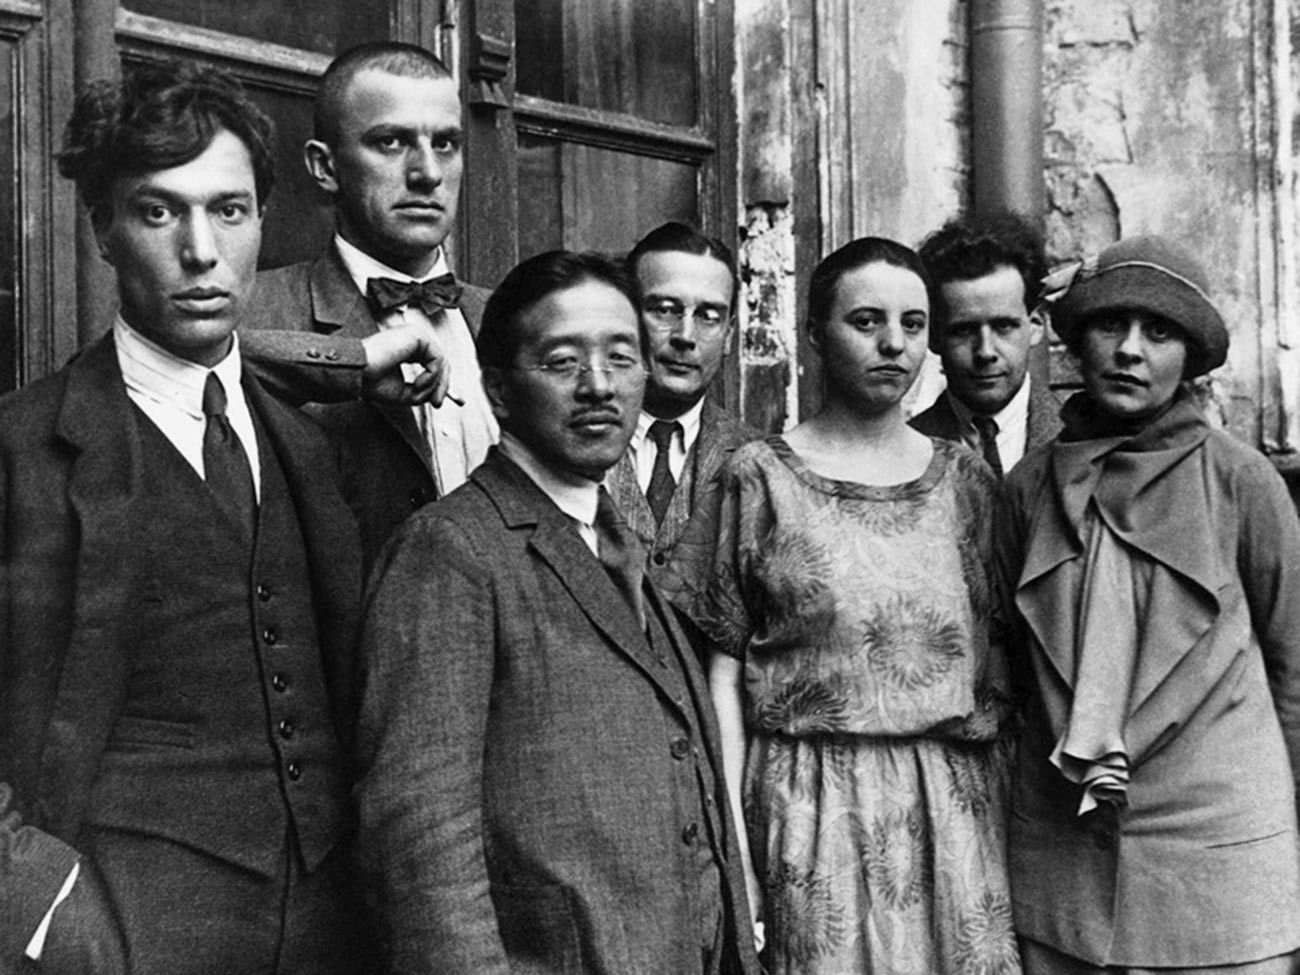 (左から)ボリス・パステルナーク、ウラジーミル・マヤコフスキー 、内藤民治、外交官のアルセーニー・ヴォズネセンスキー、オリガ・トレチャコワ、セルゲイ・エイゼンシテイン、リーリャ・ブリック。